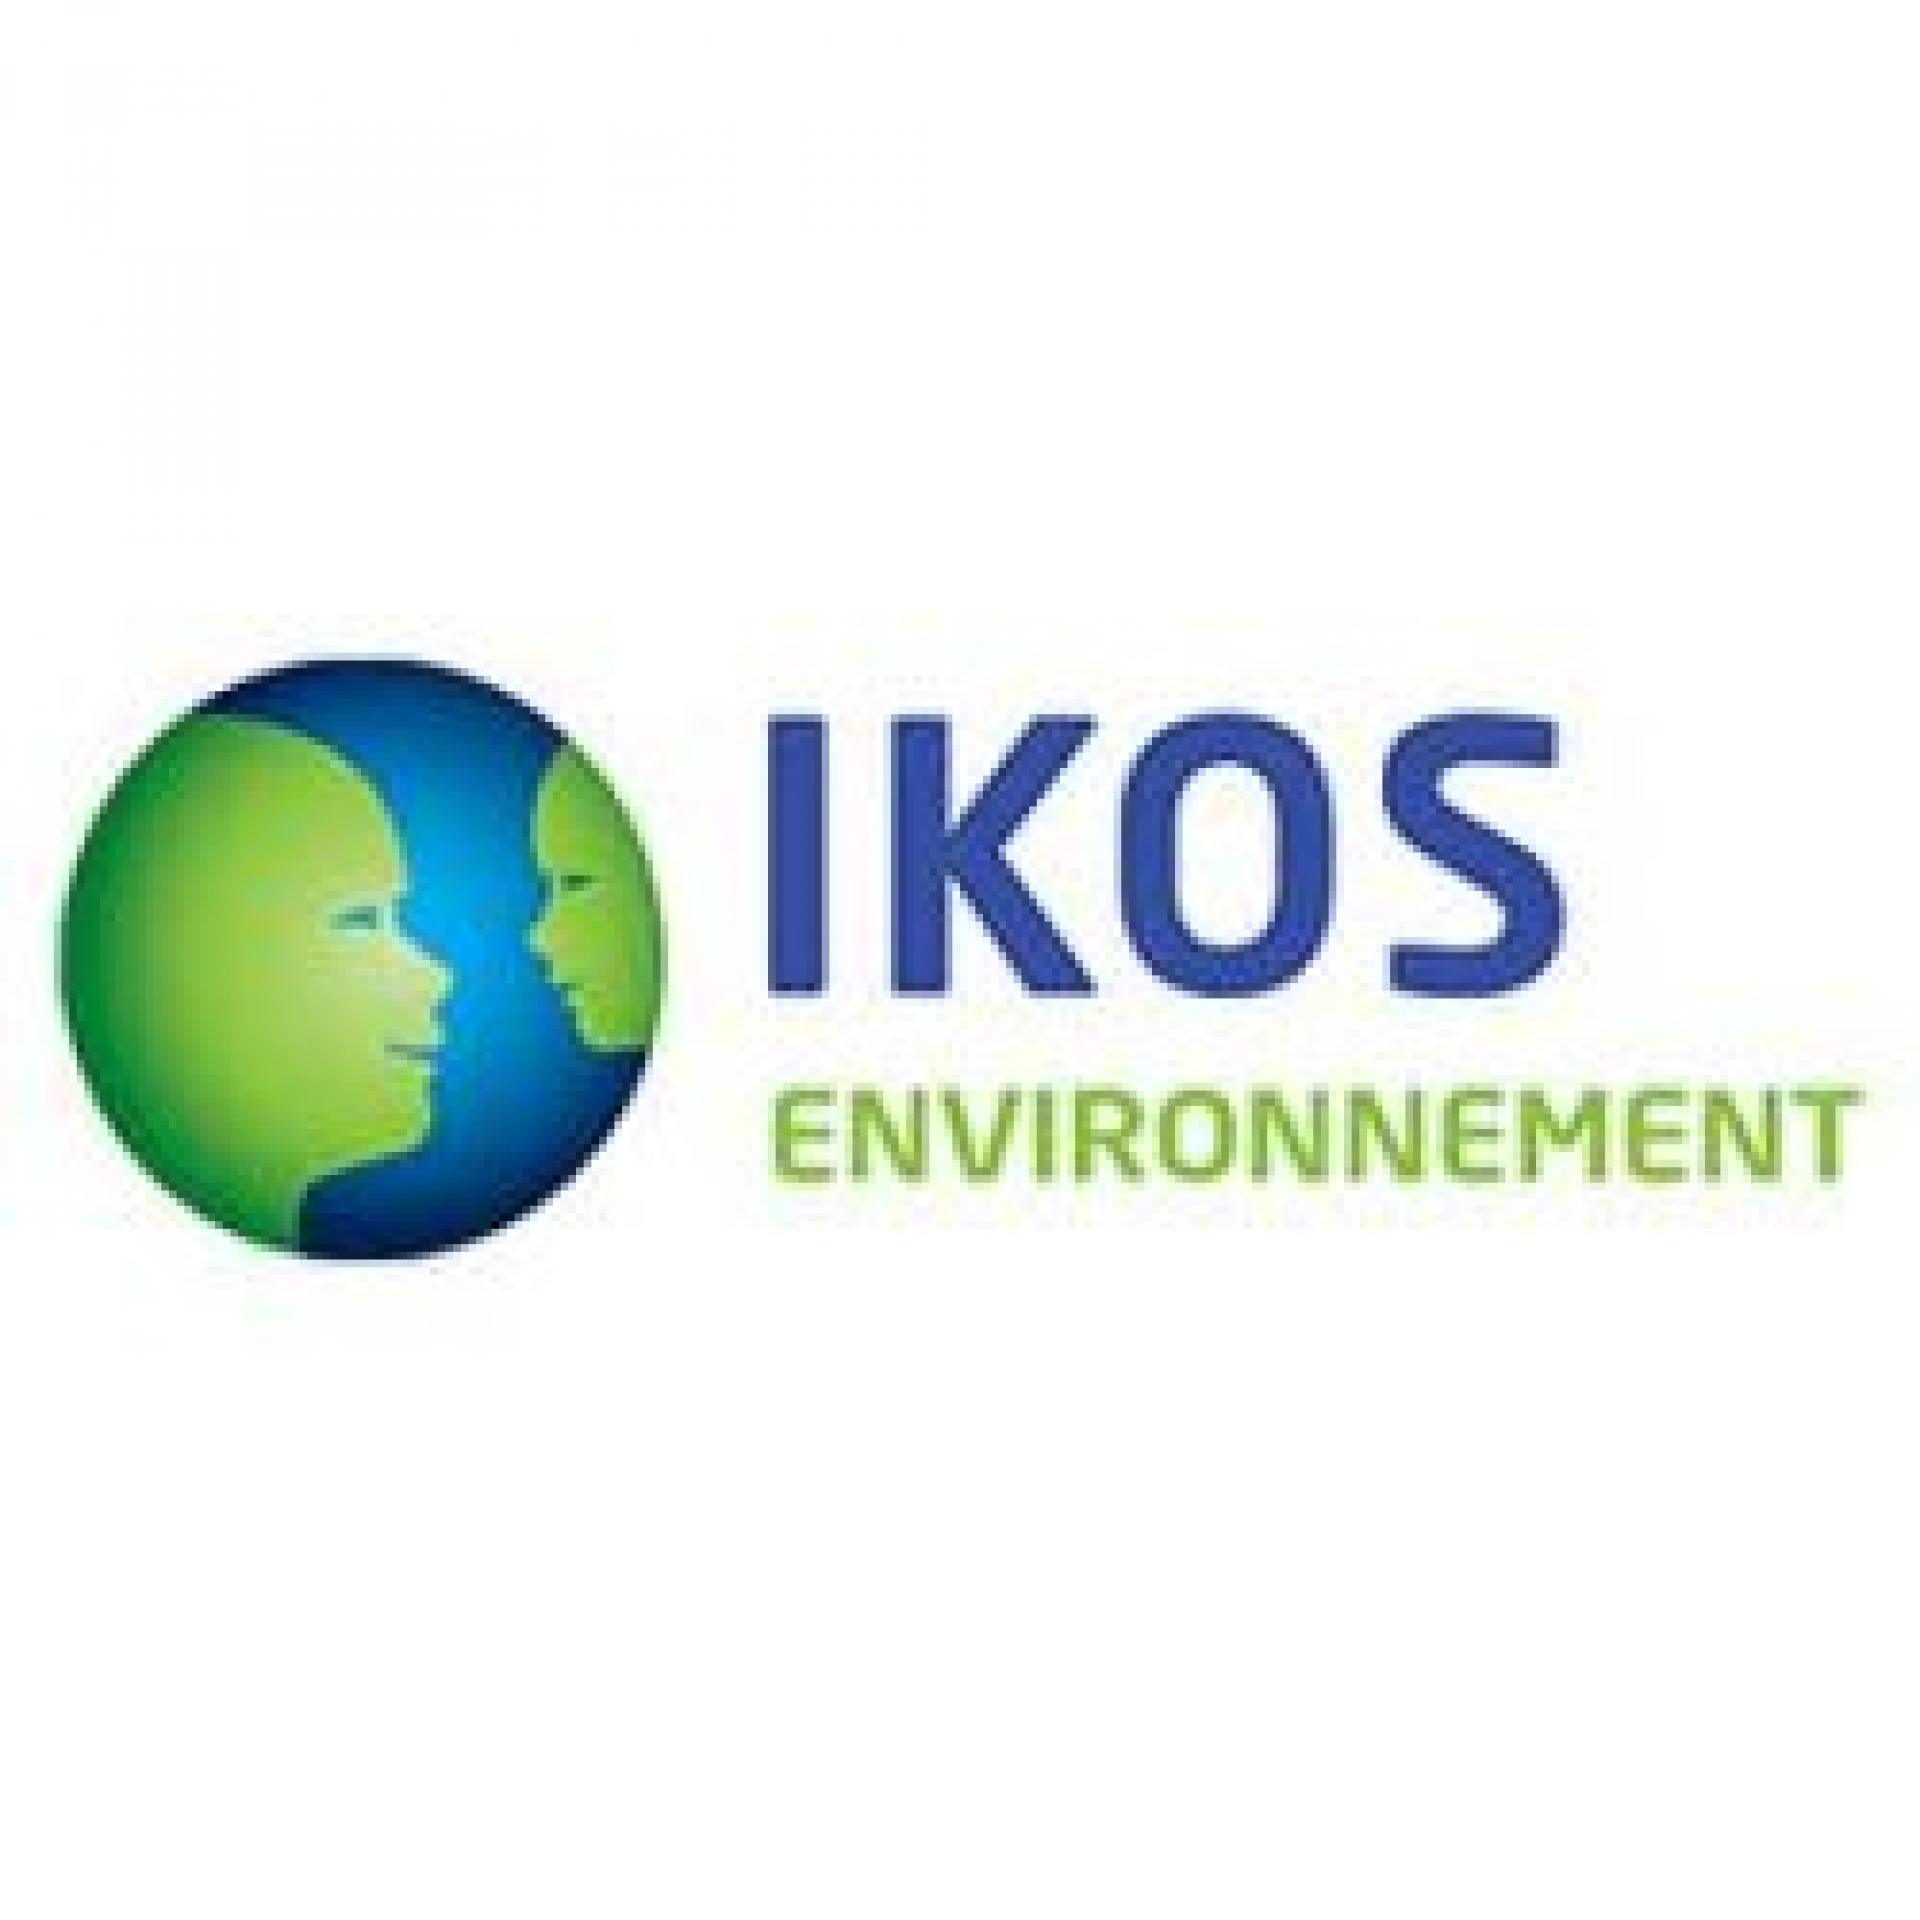 Ikos Environnement Paprec Filiale 250x250